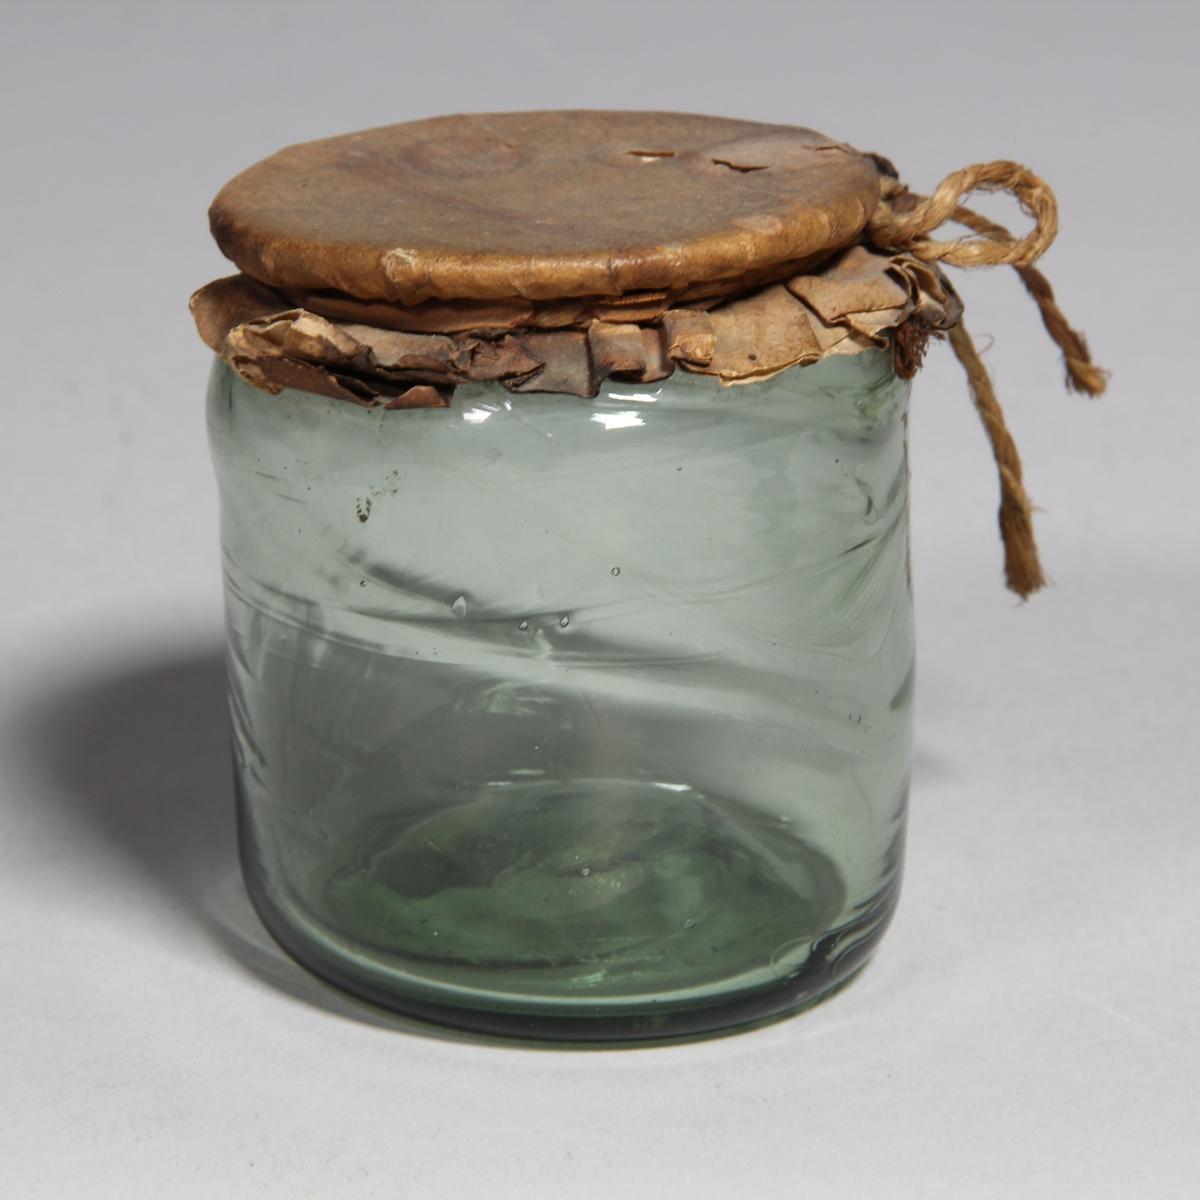 Burk av grönt glas, cylindrisk med överbundet lock av papper med snöre.